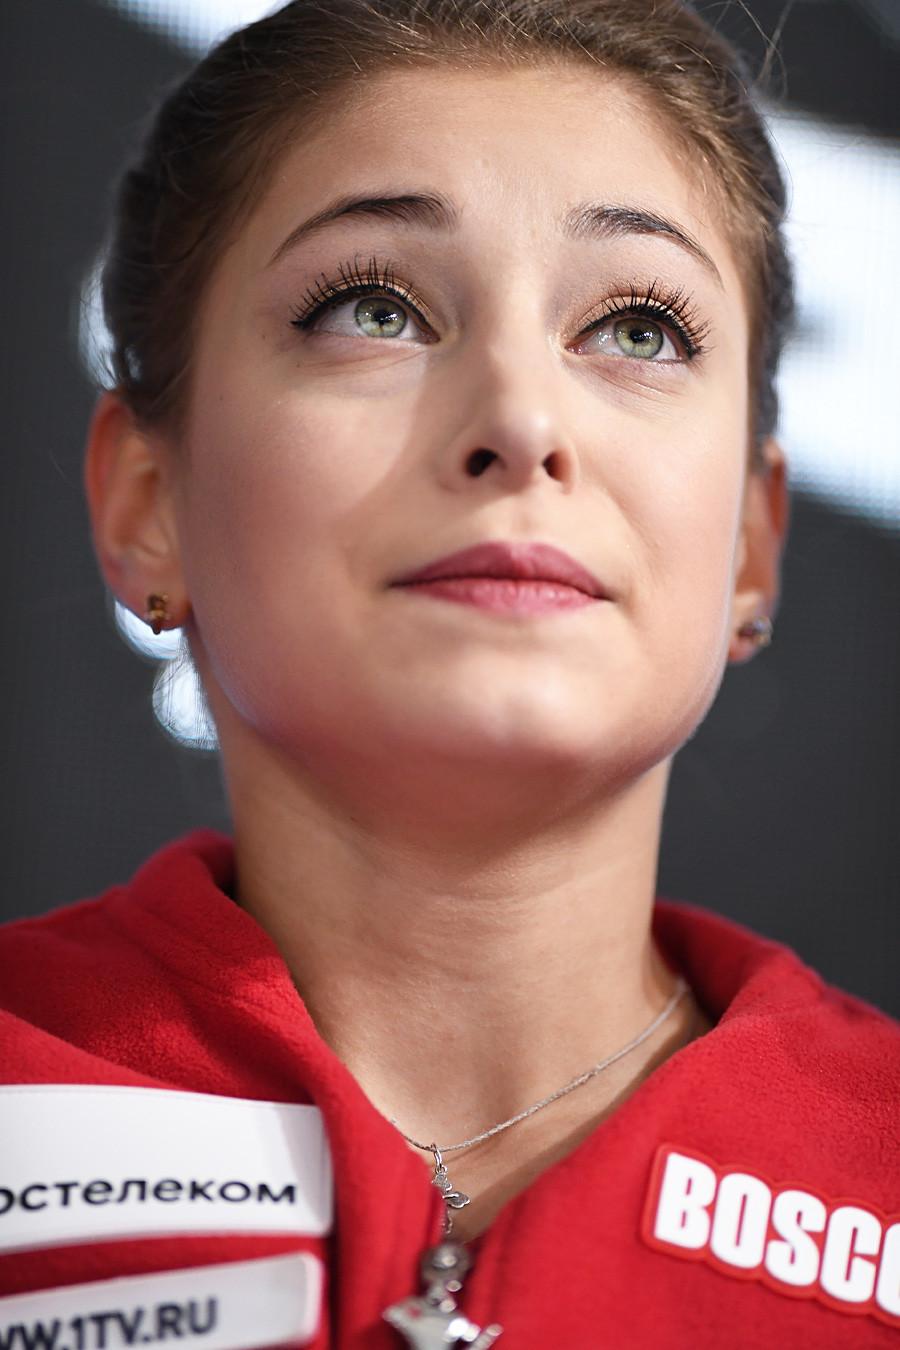 Em 1 de novembro de 2019, durante o short program no Grand Prix Internacional da França 2019, no Patinoire Polesud, em Grenoble, França